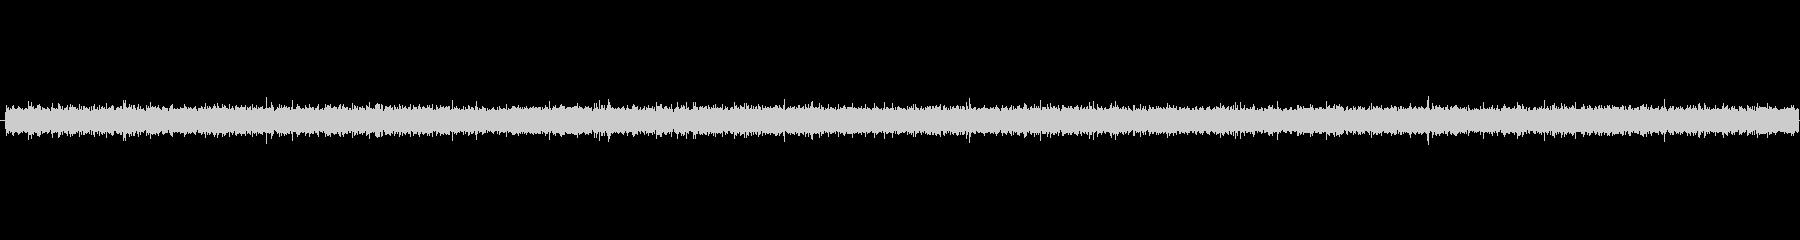 使いやすい 汎用ウォーターフォール...の未再生の波形